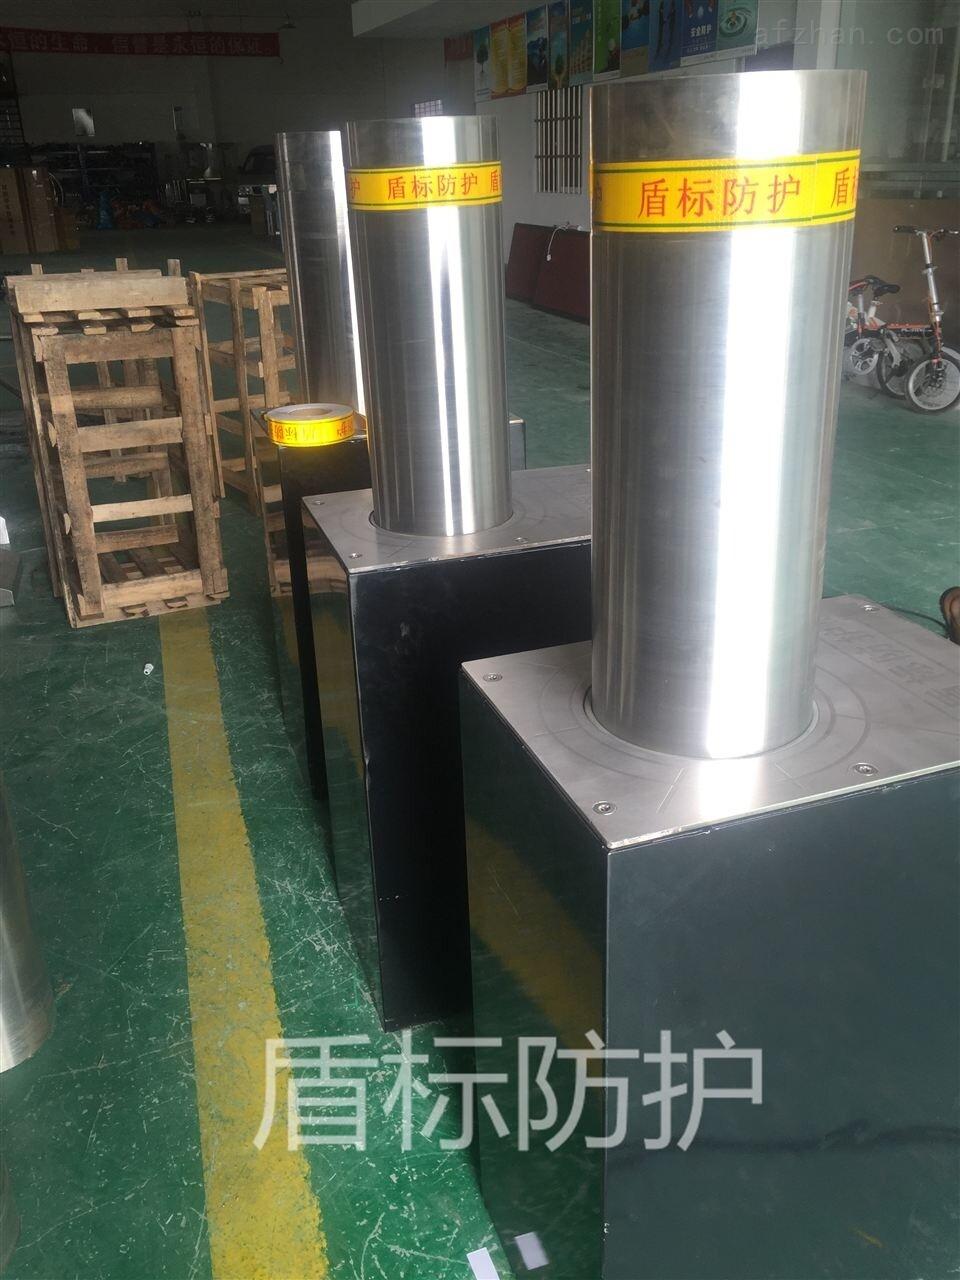 惠州液压防撞柱生产供应商,惠州自动防撞桩厂家价格